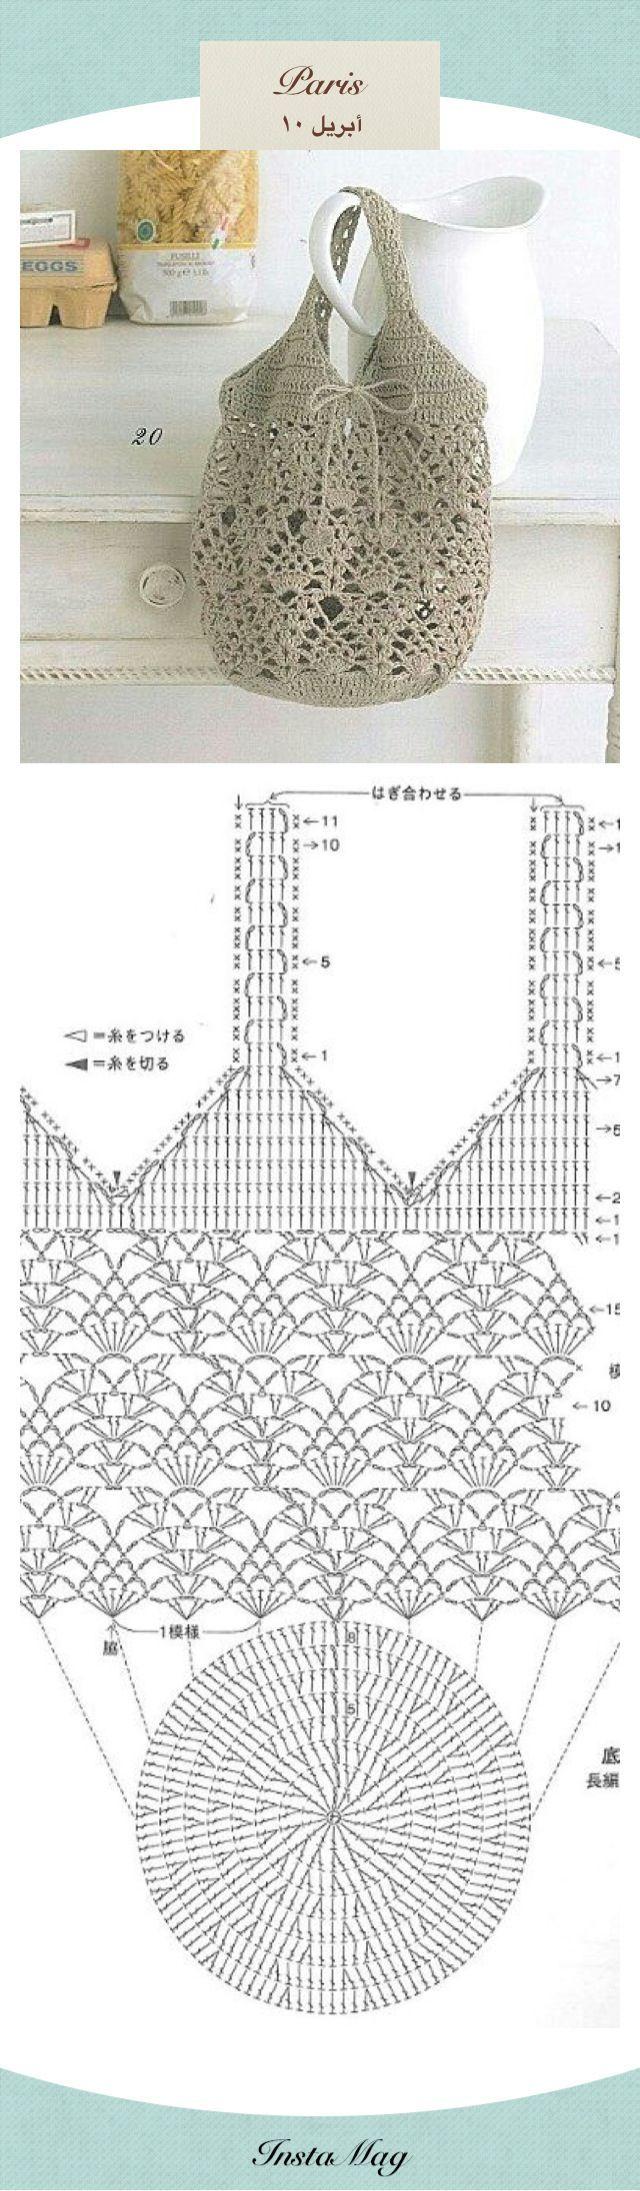 بترون شنطة [] # # #Croche | Crochet [] #<br/> # #Crochet #Clutch,<br/> # #Crochet #Handbags,<br/> # #Crochet #Bags,<br/> # #Portfolios,<br/> # #Bag<br/>